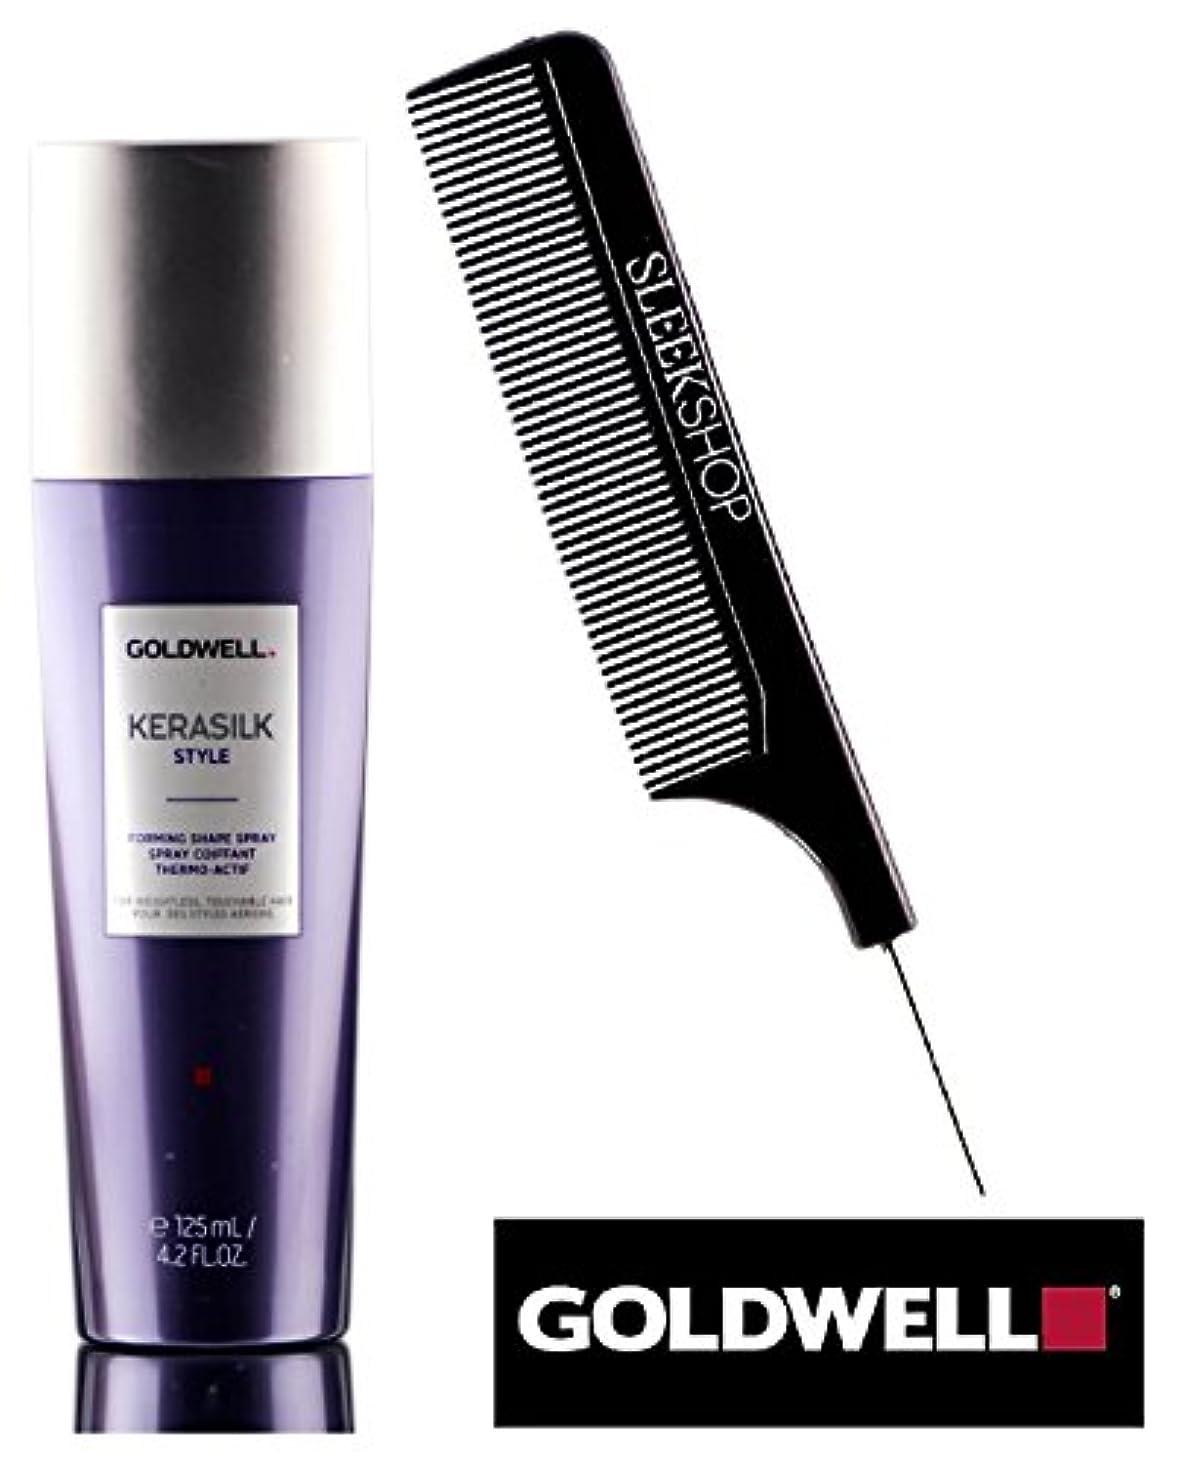 Kerasilk Style by Goldwell 無重力のための(なめらかなスチールピンテールコーム付き)形状にスプレーを形成するGoldwell KERASILK STYLE、触れることができるヘアー 4.2オンス...